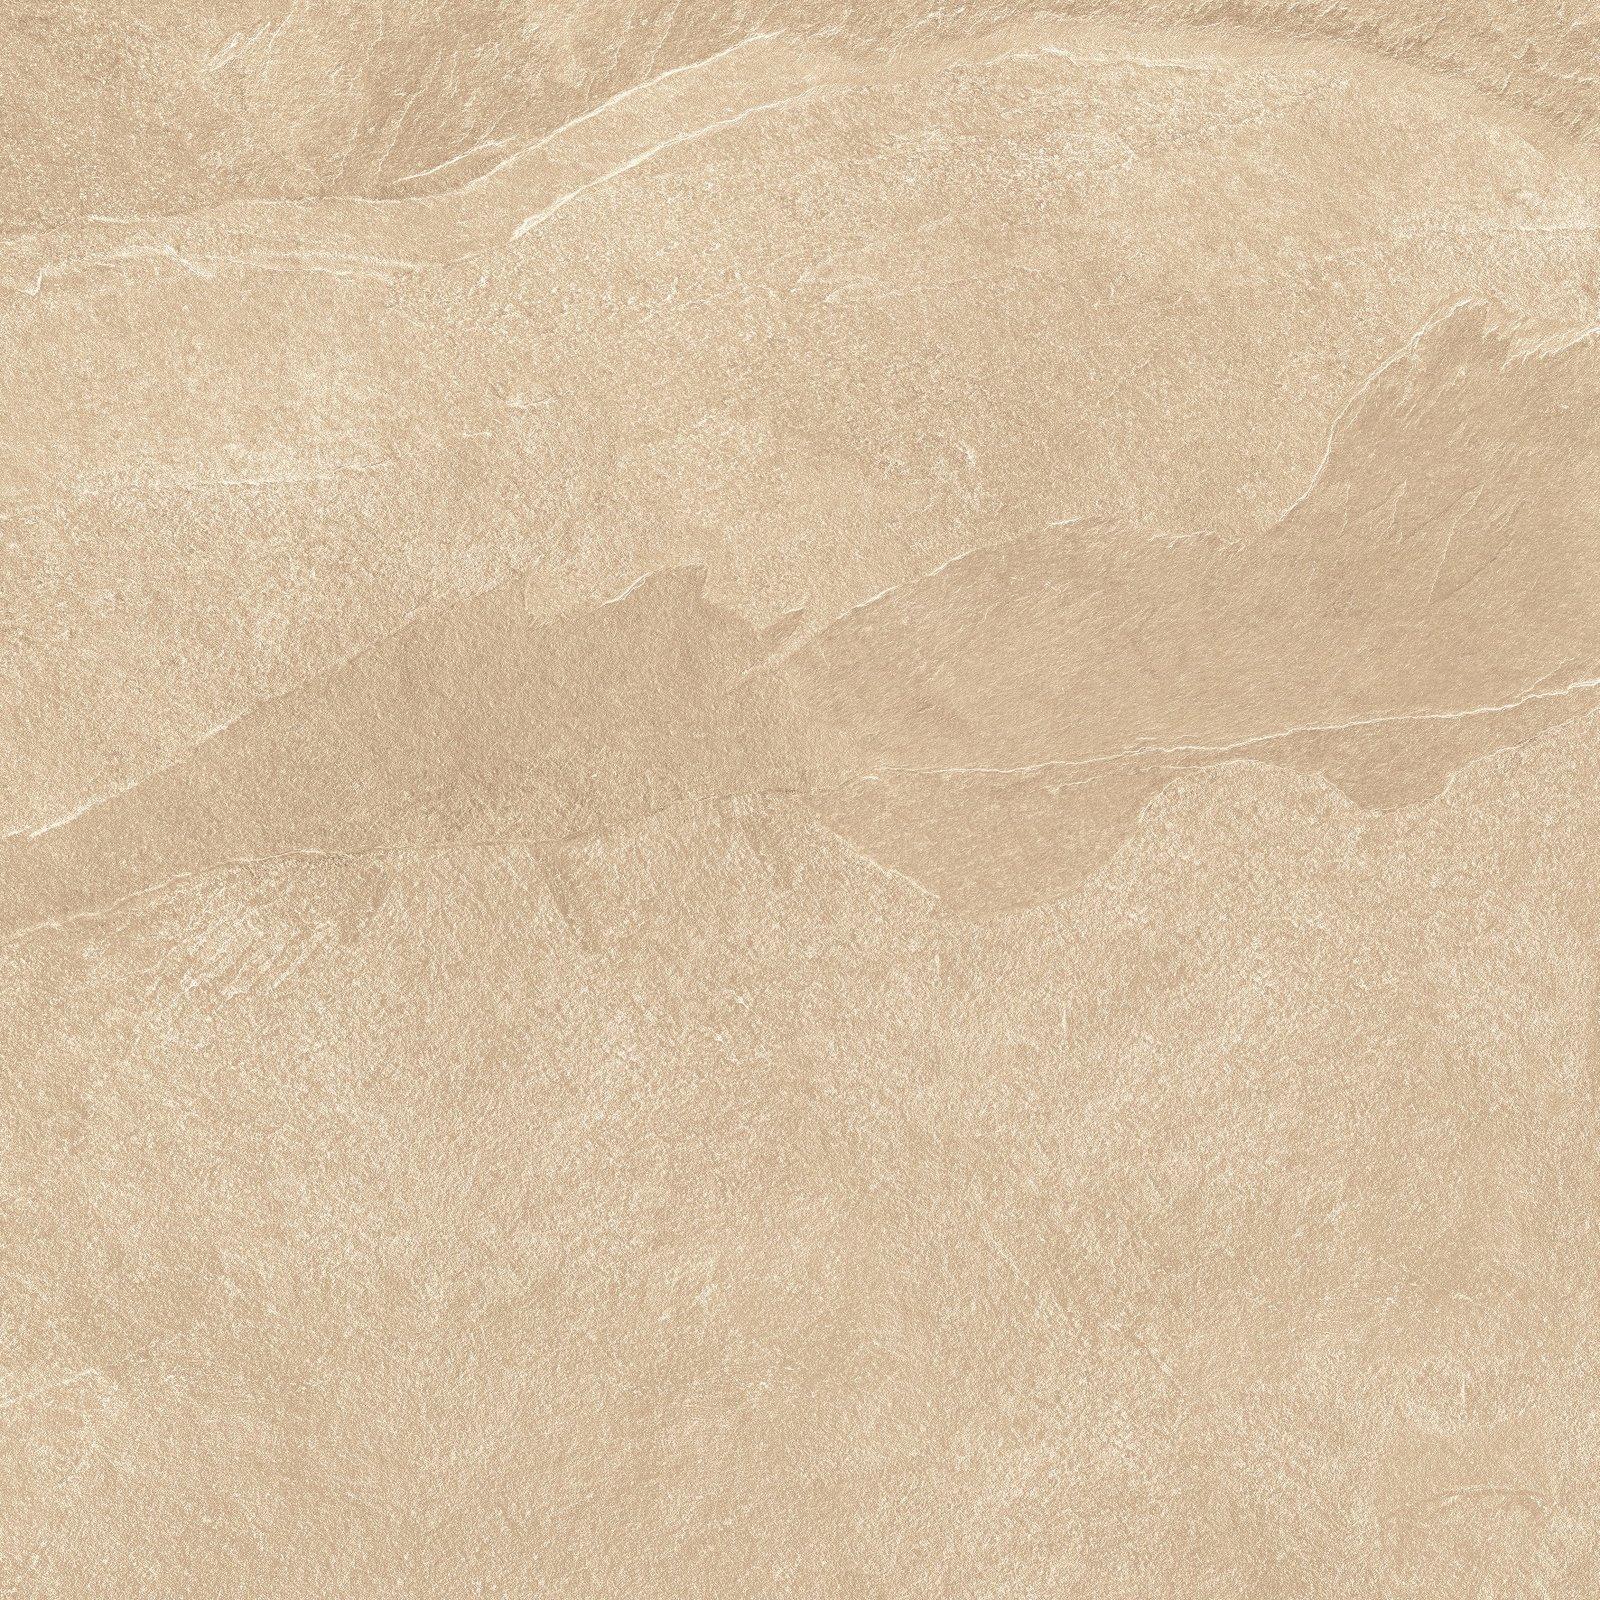 Плитка GOLD (X60G23R) изображение 3